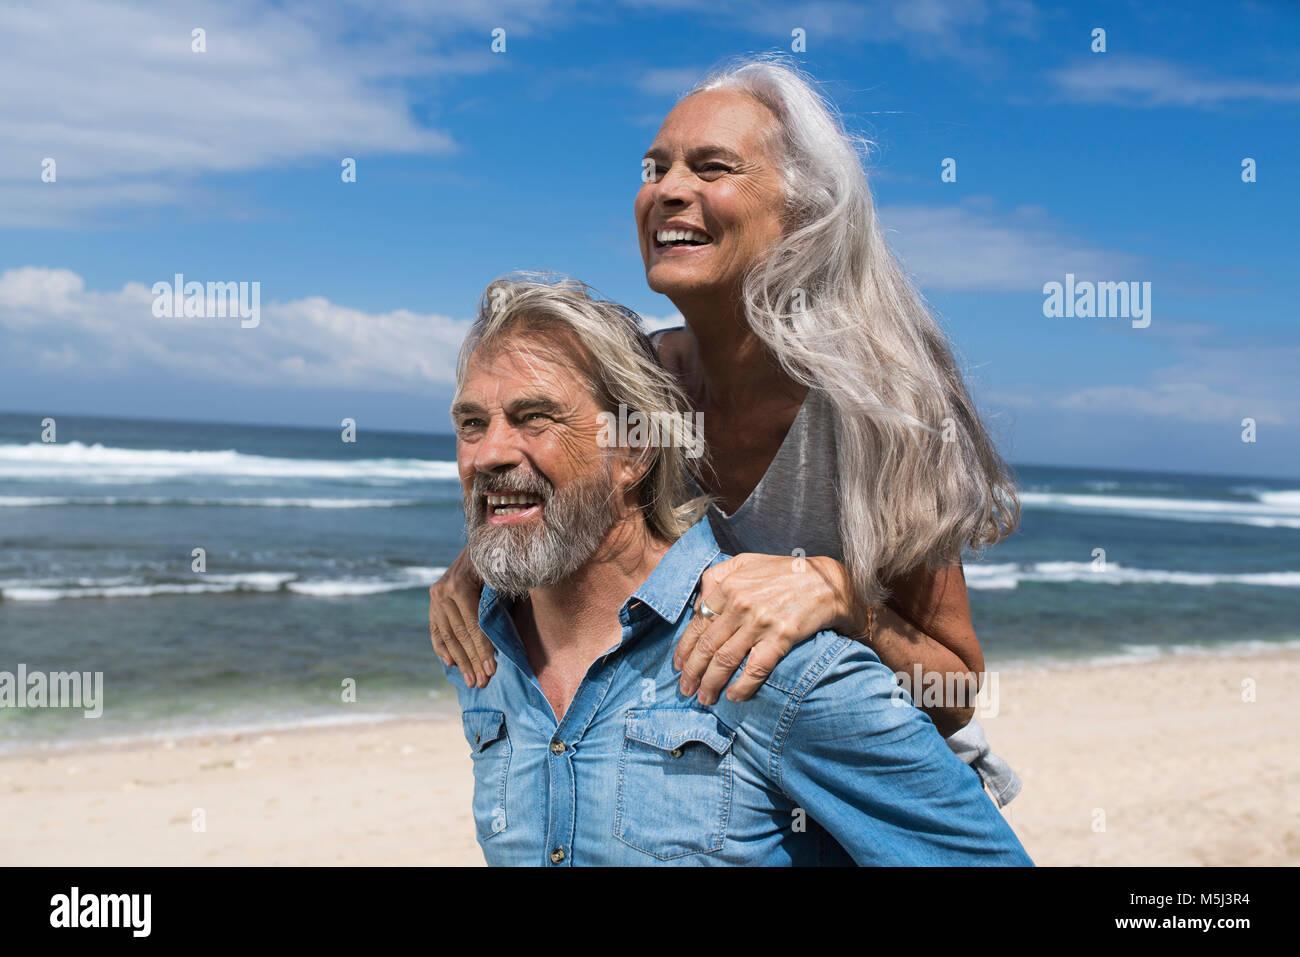 Guapo pareja senior divirtiéndose en la playa. Imagen De Stock